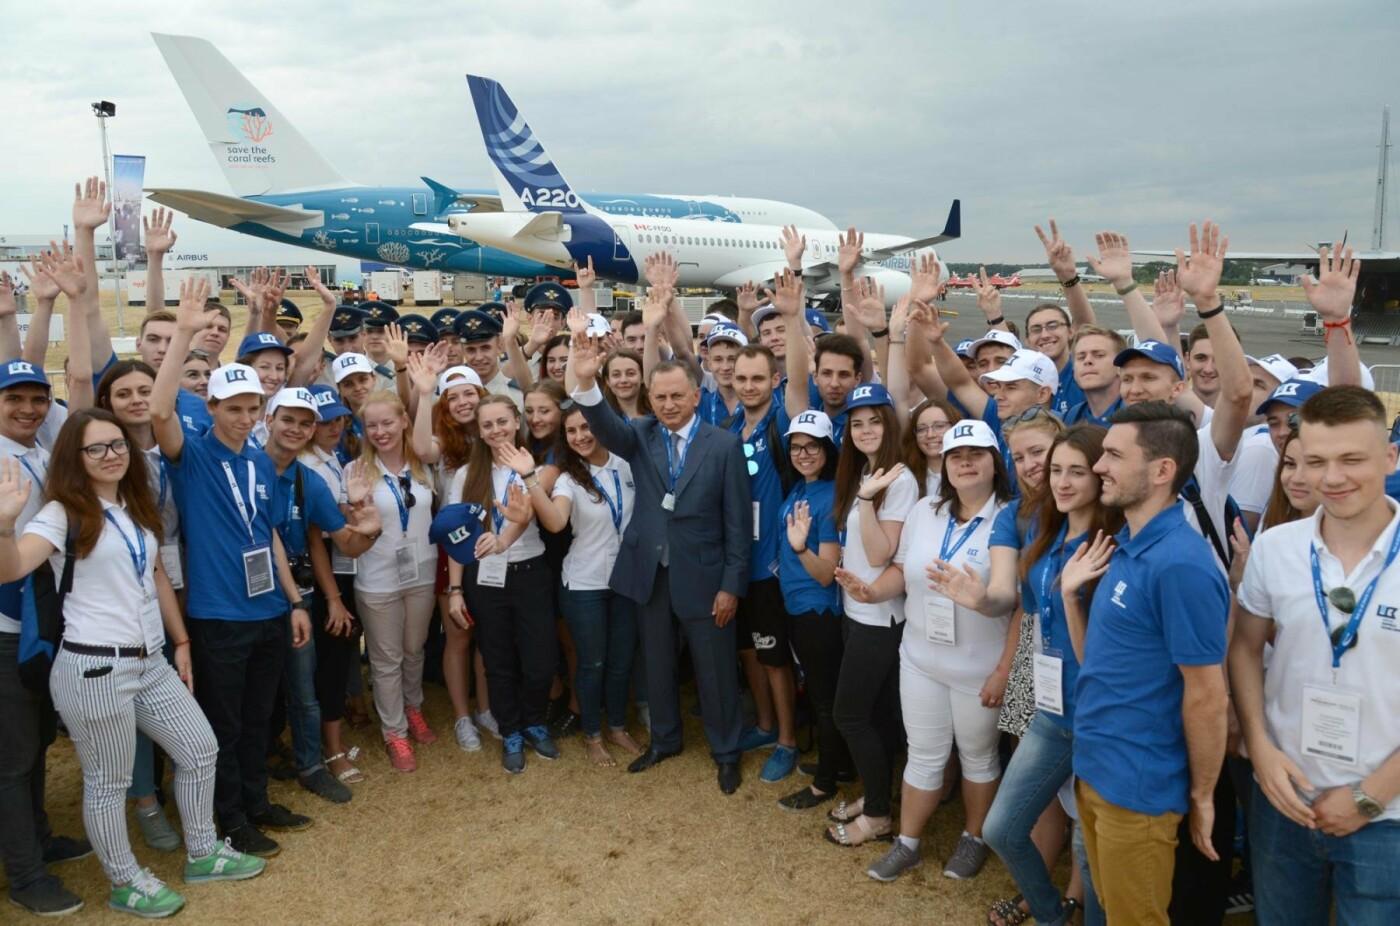 Борис Колесников отправил студентов из Покровска на авиафорум в Лондон, фото-2